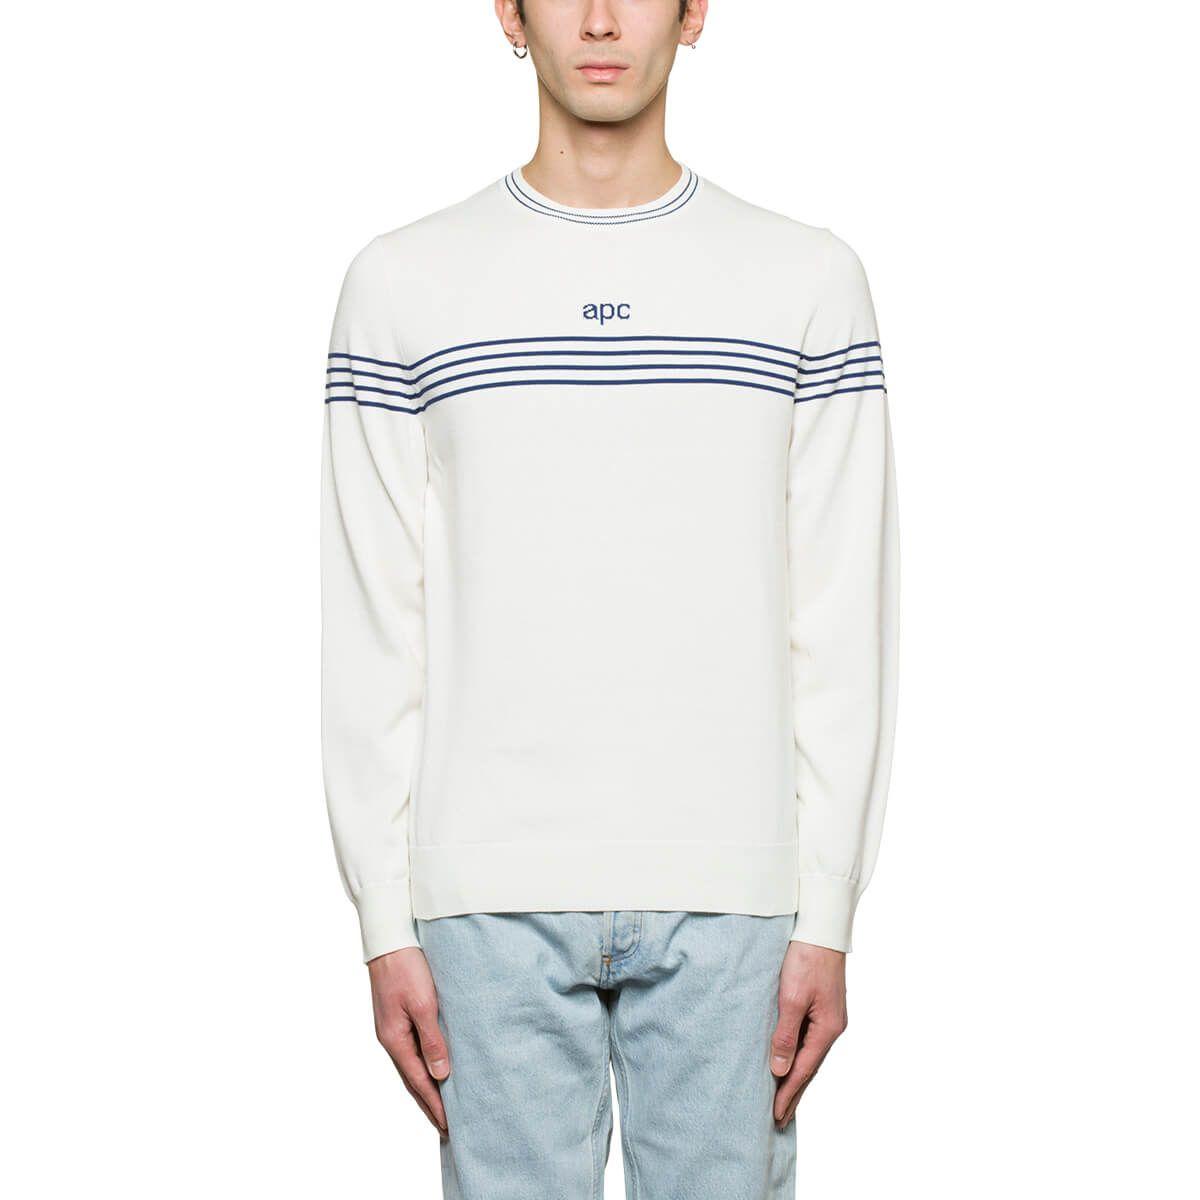 A.P.C. Branding Sweater